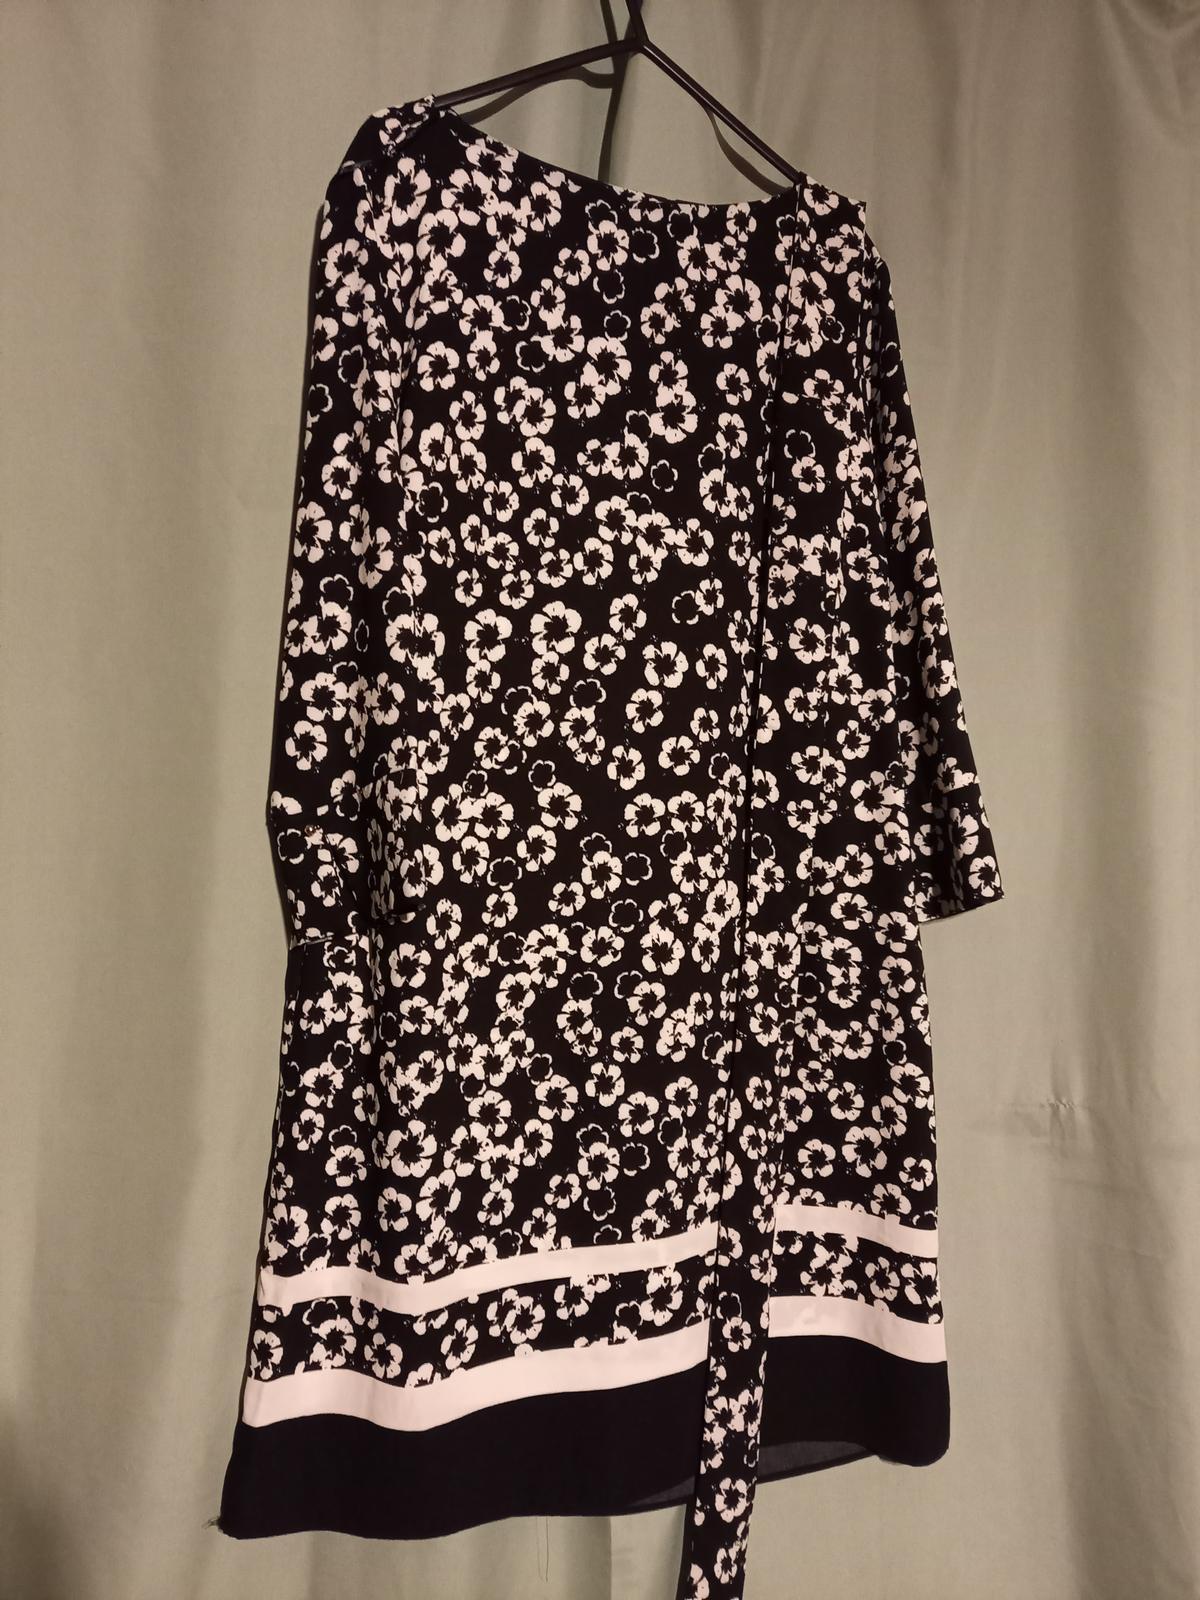 Dámské šaty HM vel. 42 - Obrázek č. 1